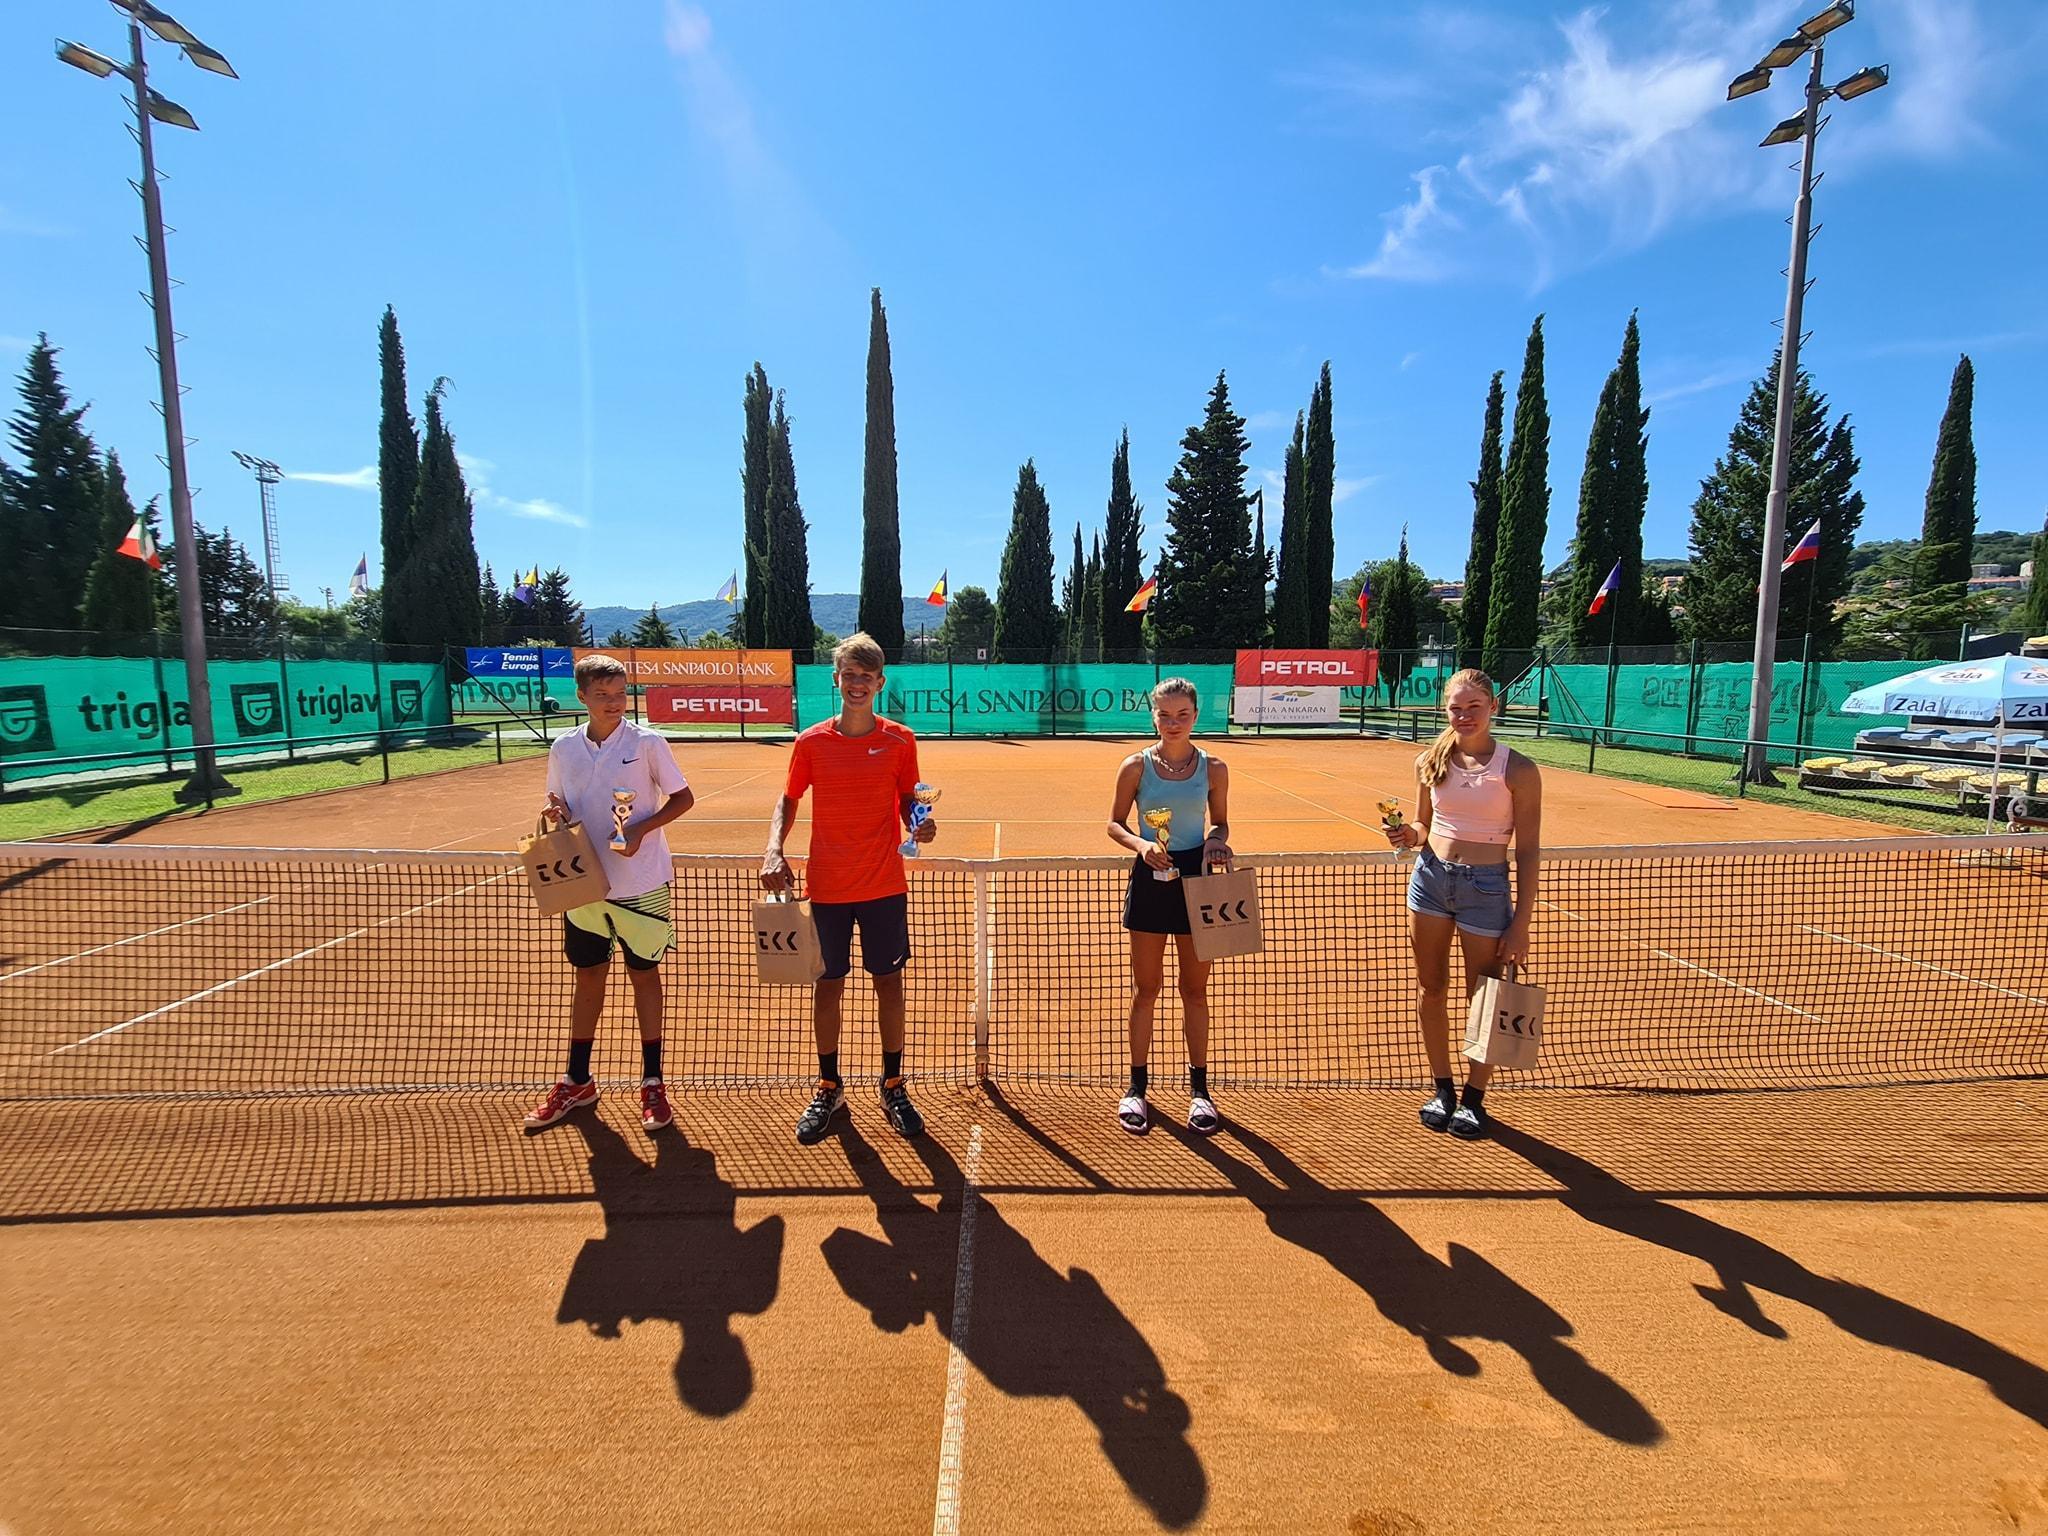 118795469 3190166184384814 1517166174169630383 o - Tennis Europe: Laniškova in Obrul do naslova na Ptuju, Videnović najboljši v Kopru (FOTO)